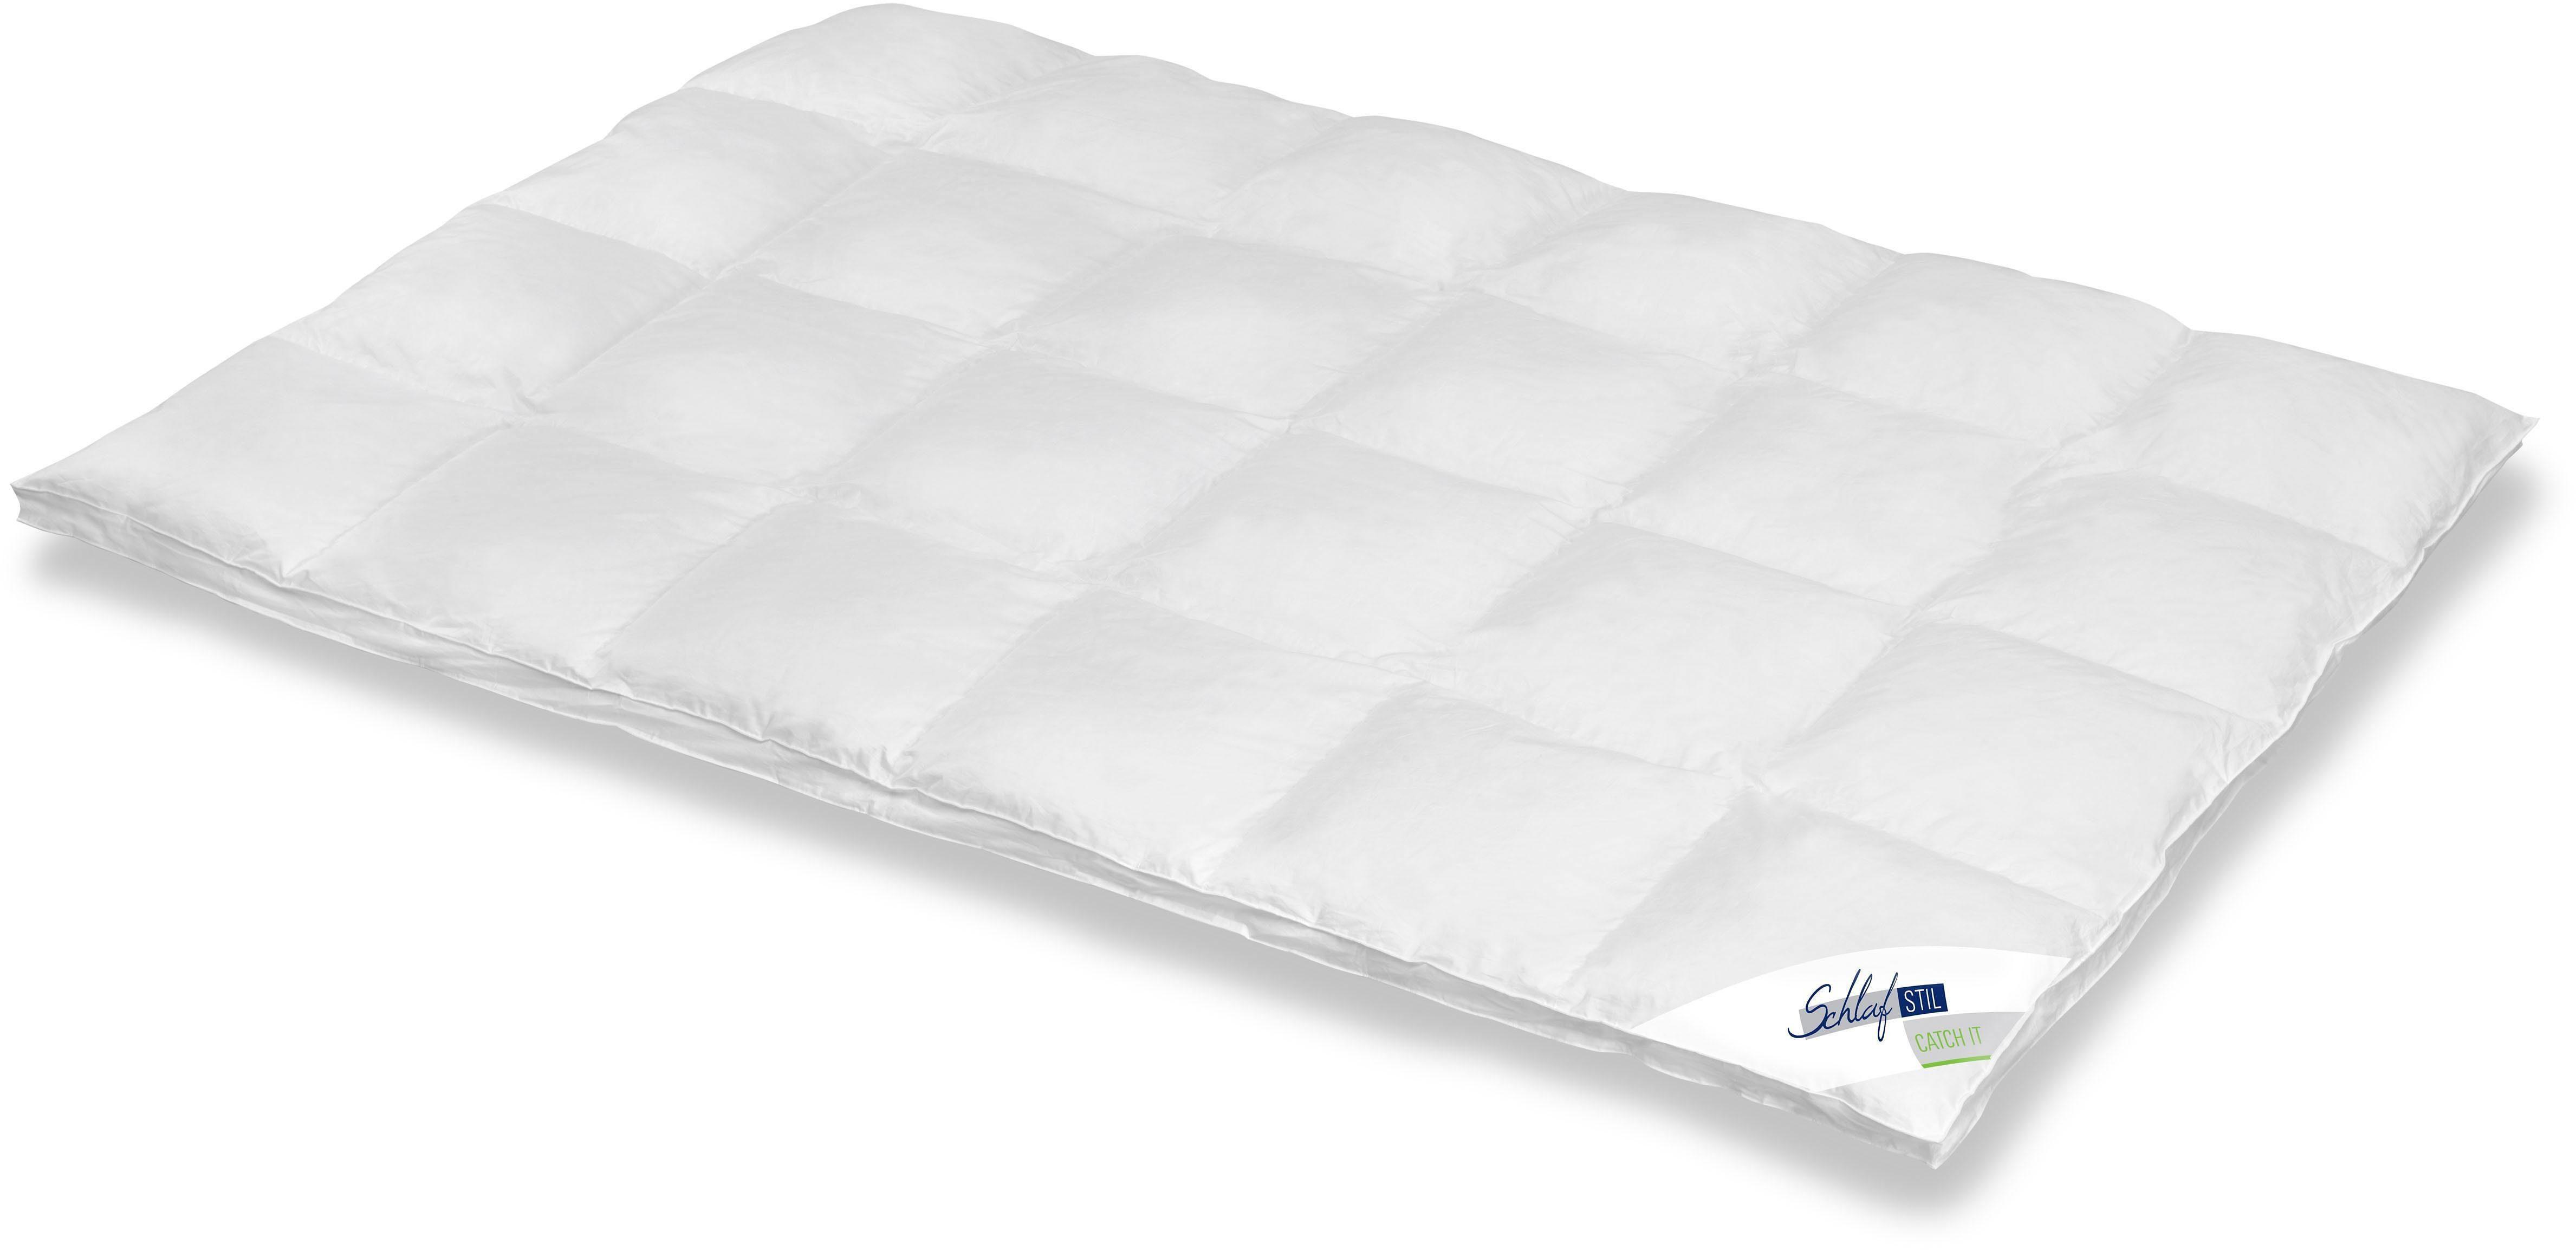 Daunenbettdecke Catch It Schlafstil extrawarm Füllung: 90% Daunen 10% Federn Bezug: 100% Baumwolle